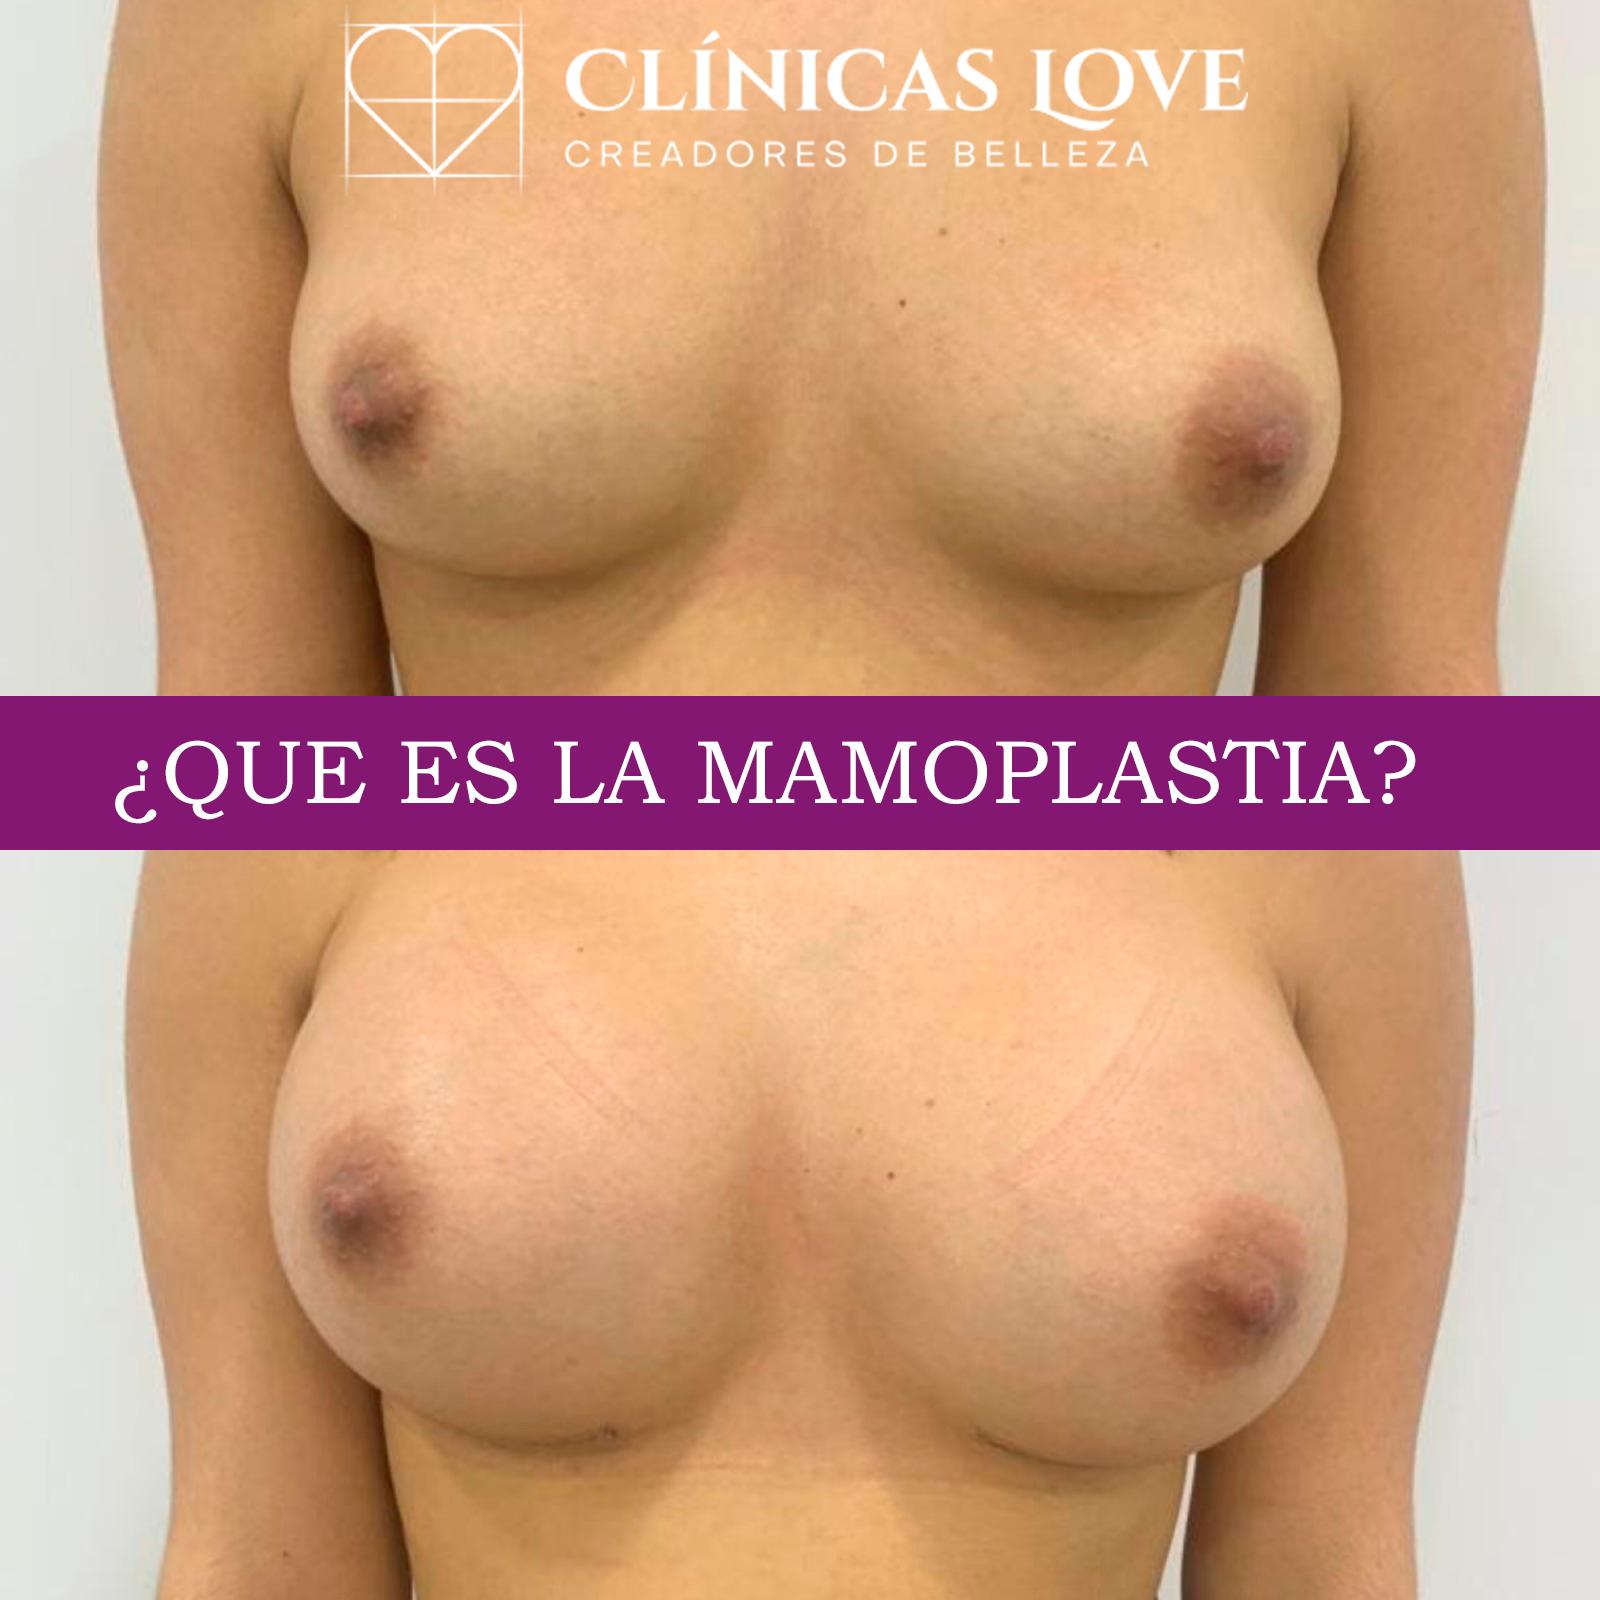 Que es la mamoplastia de aumento